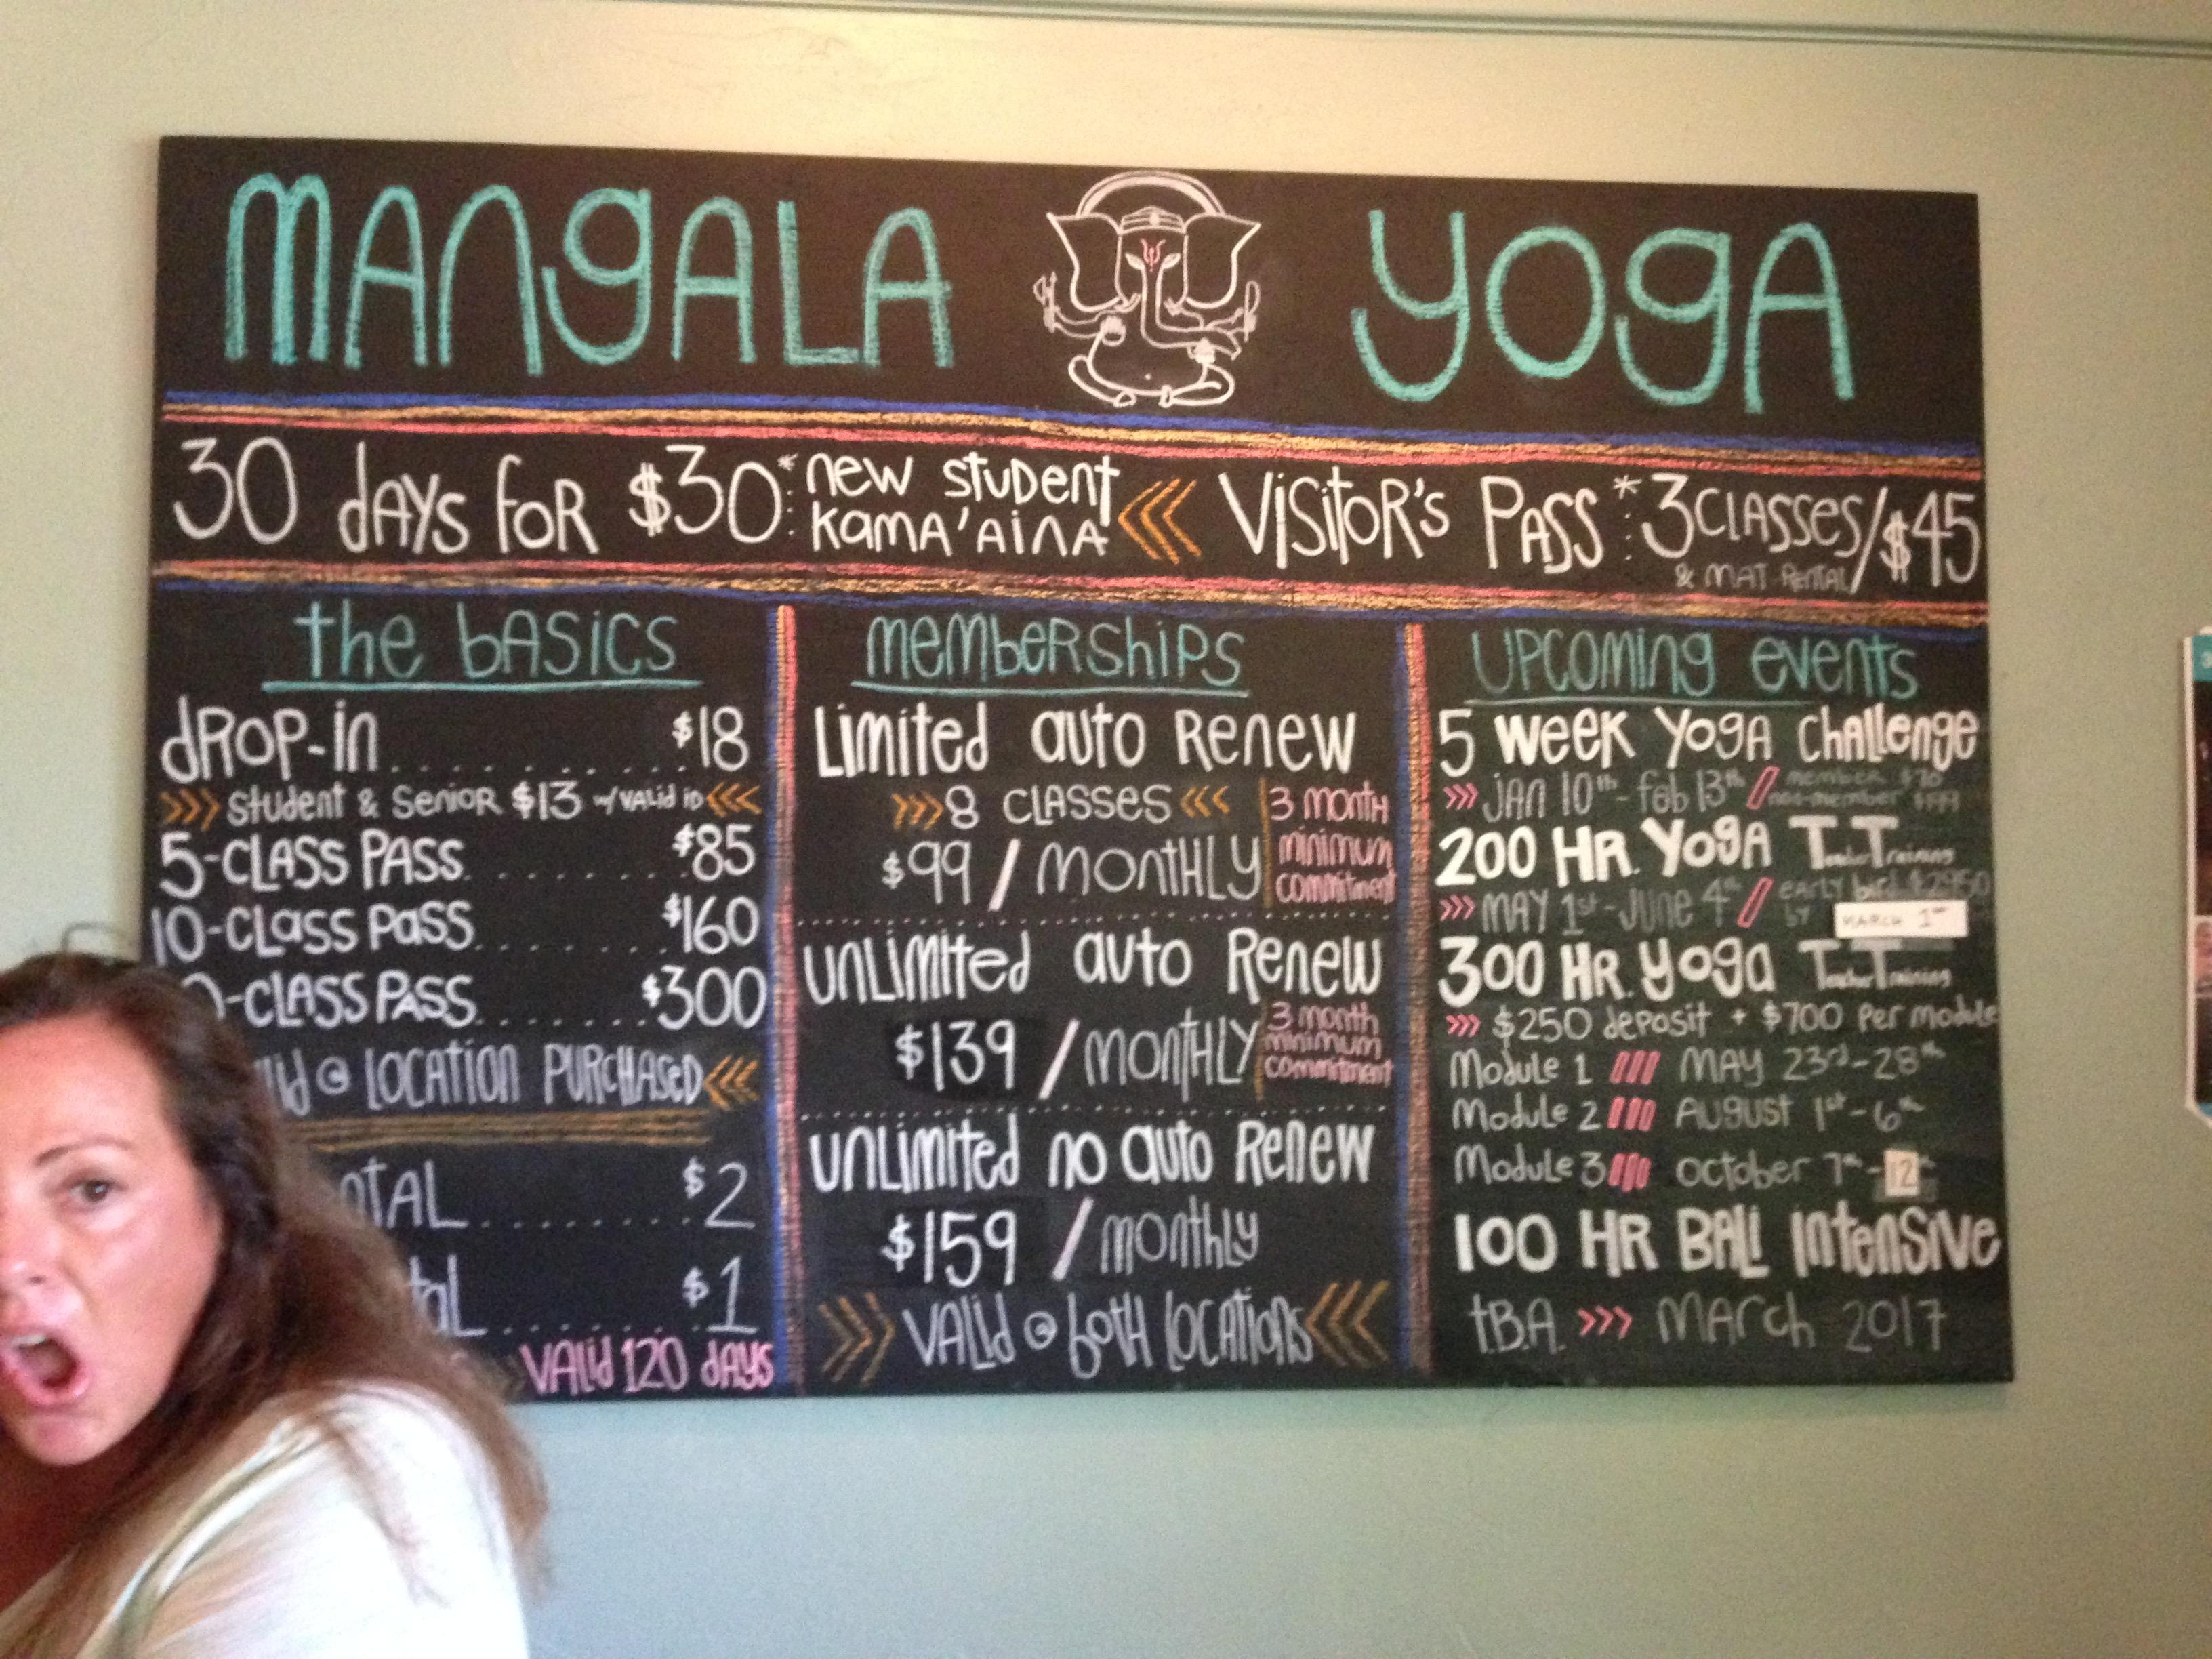 Mangala Yoga in Makawao